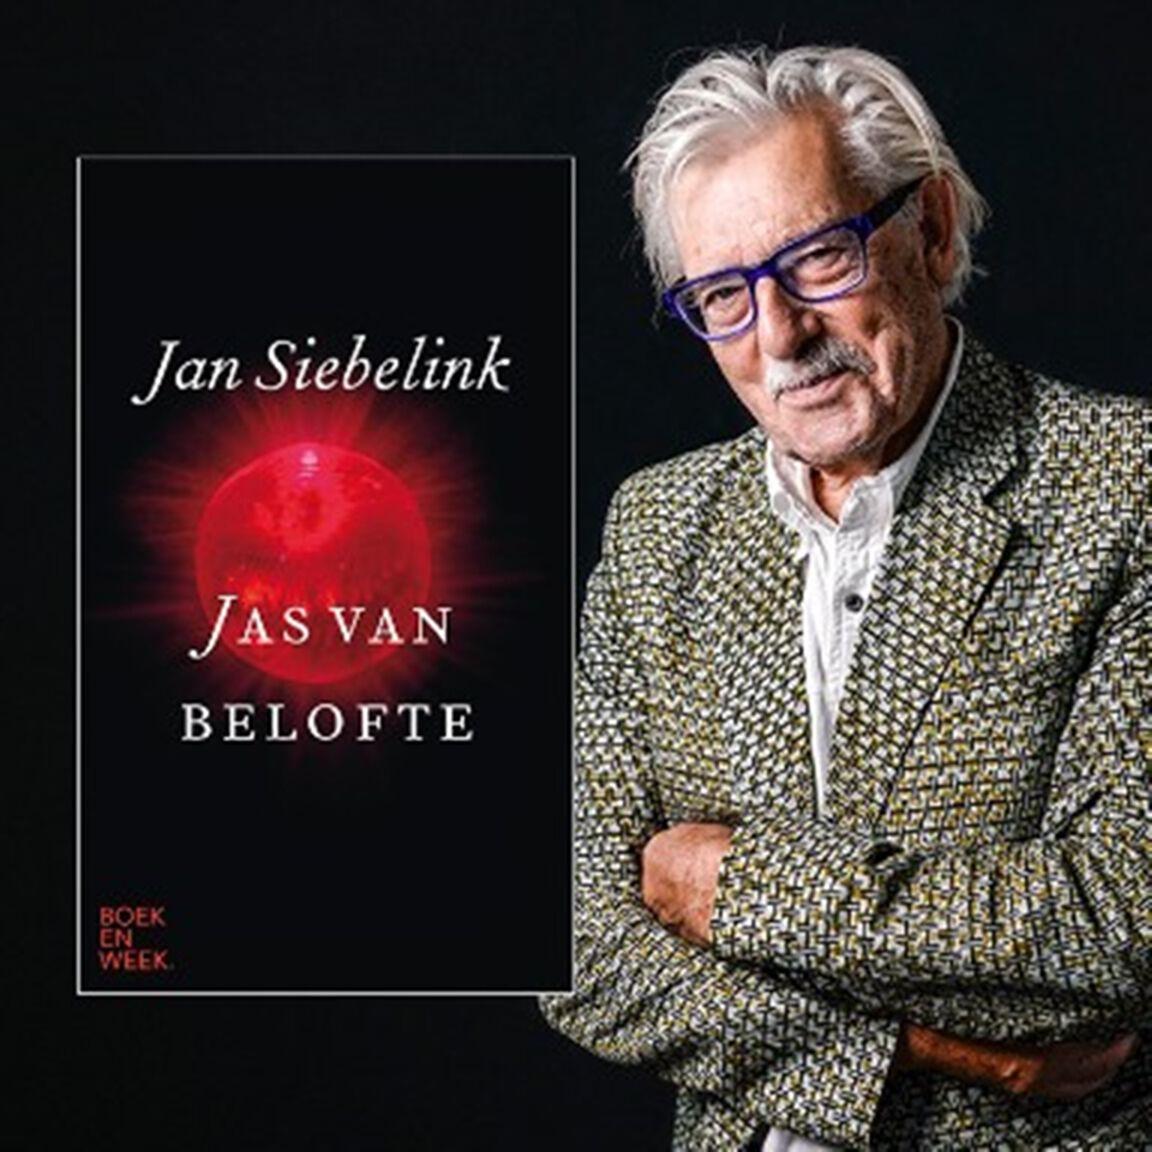 Jan Siebelink